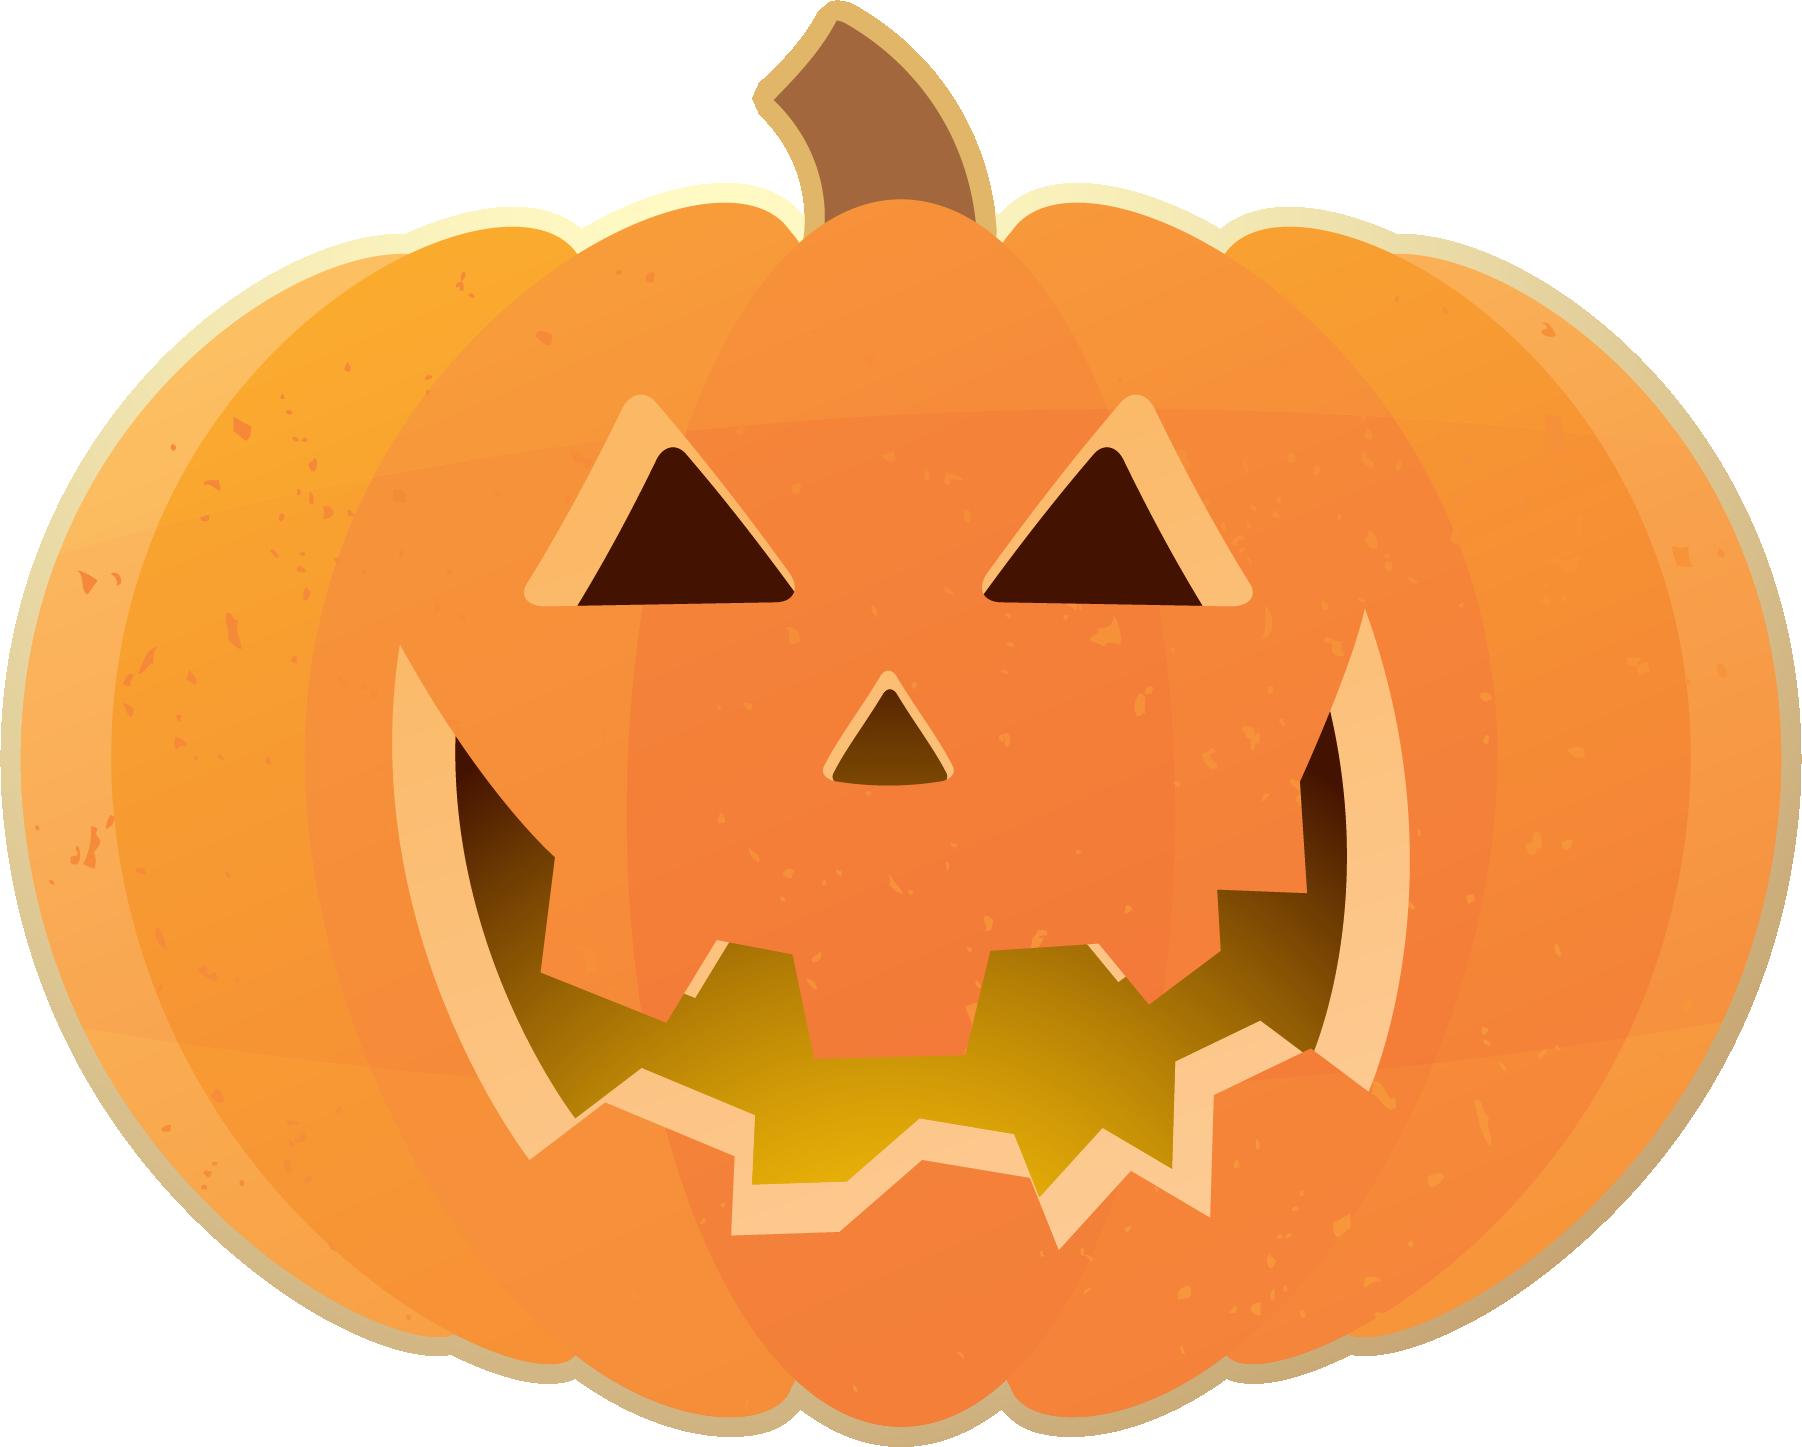 Halloween pumpkin carving clipart.